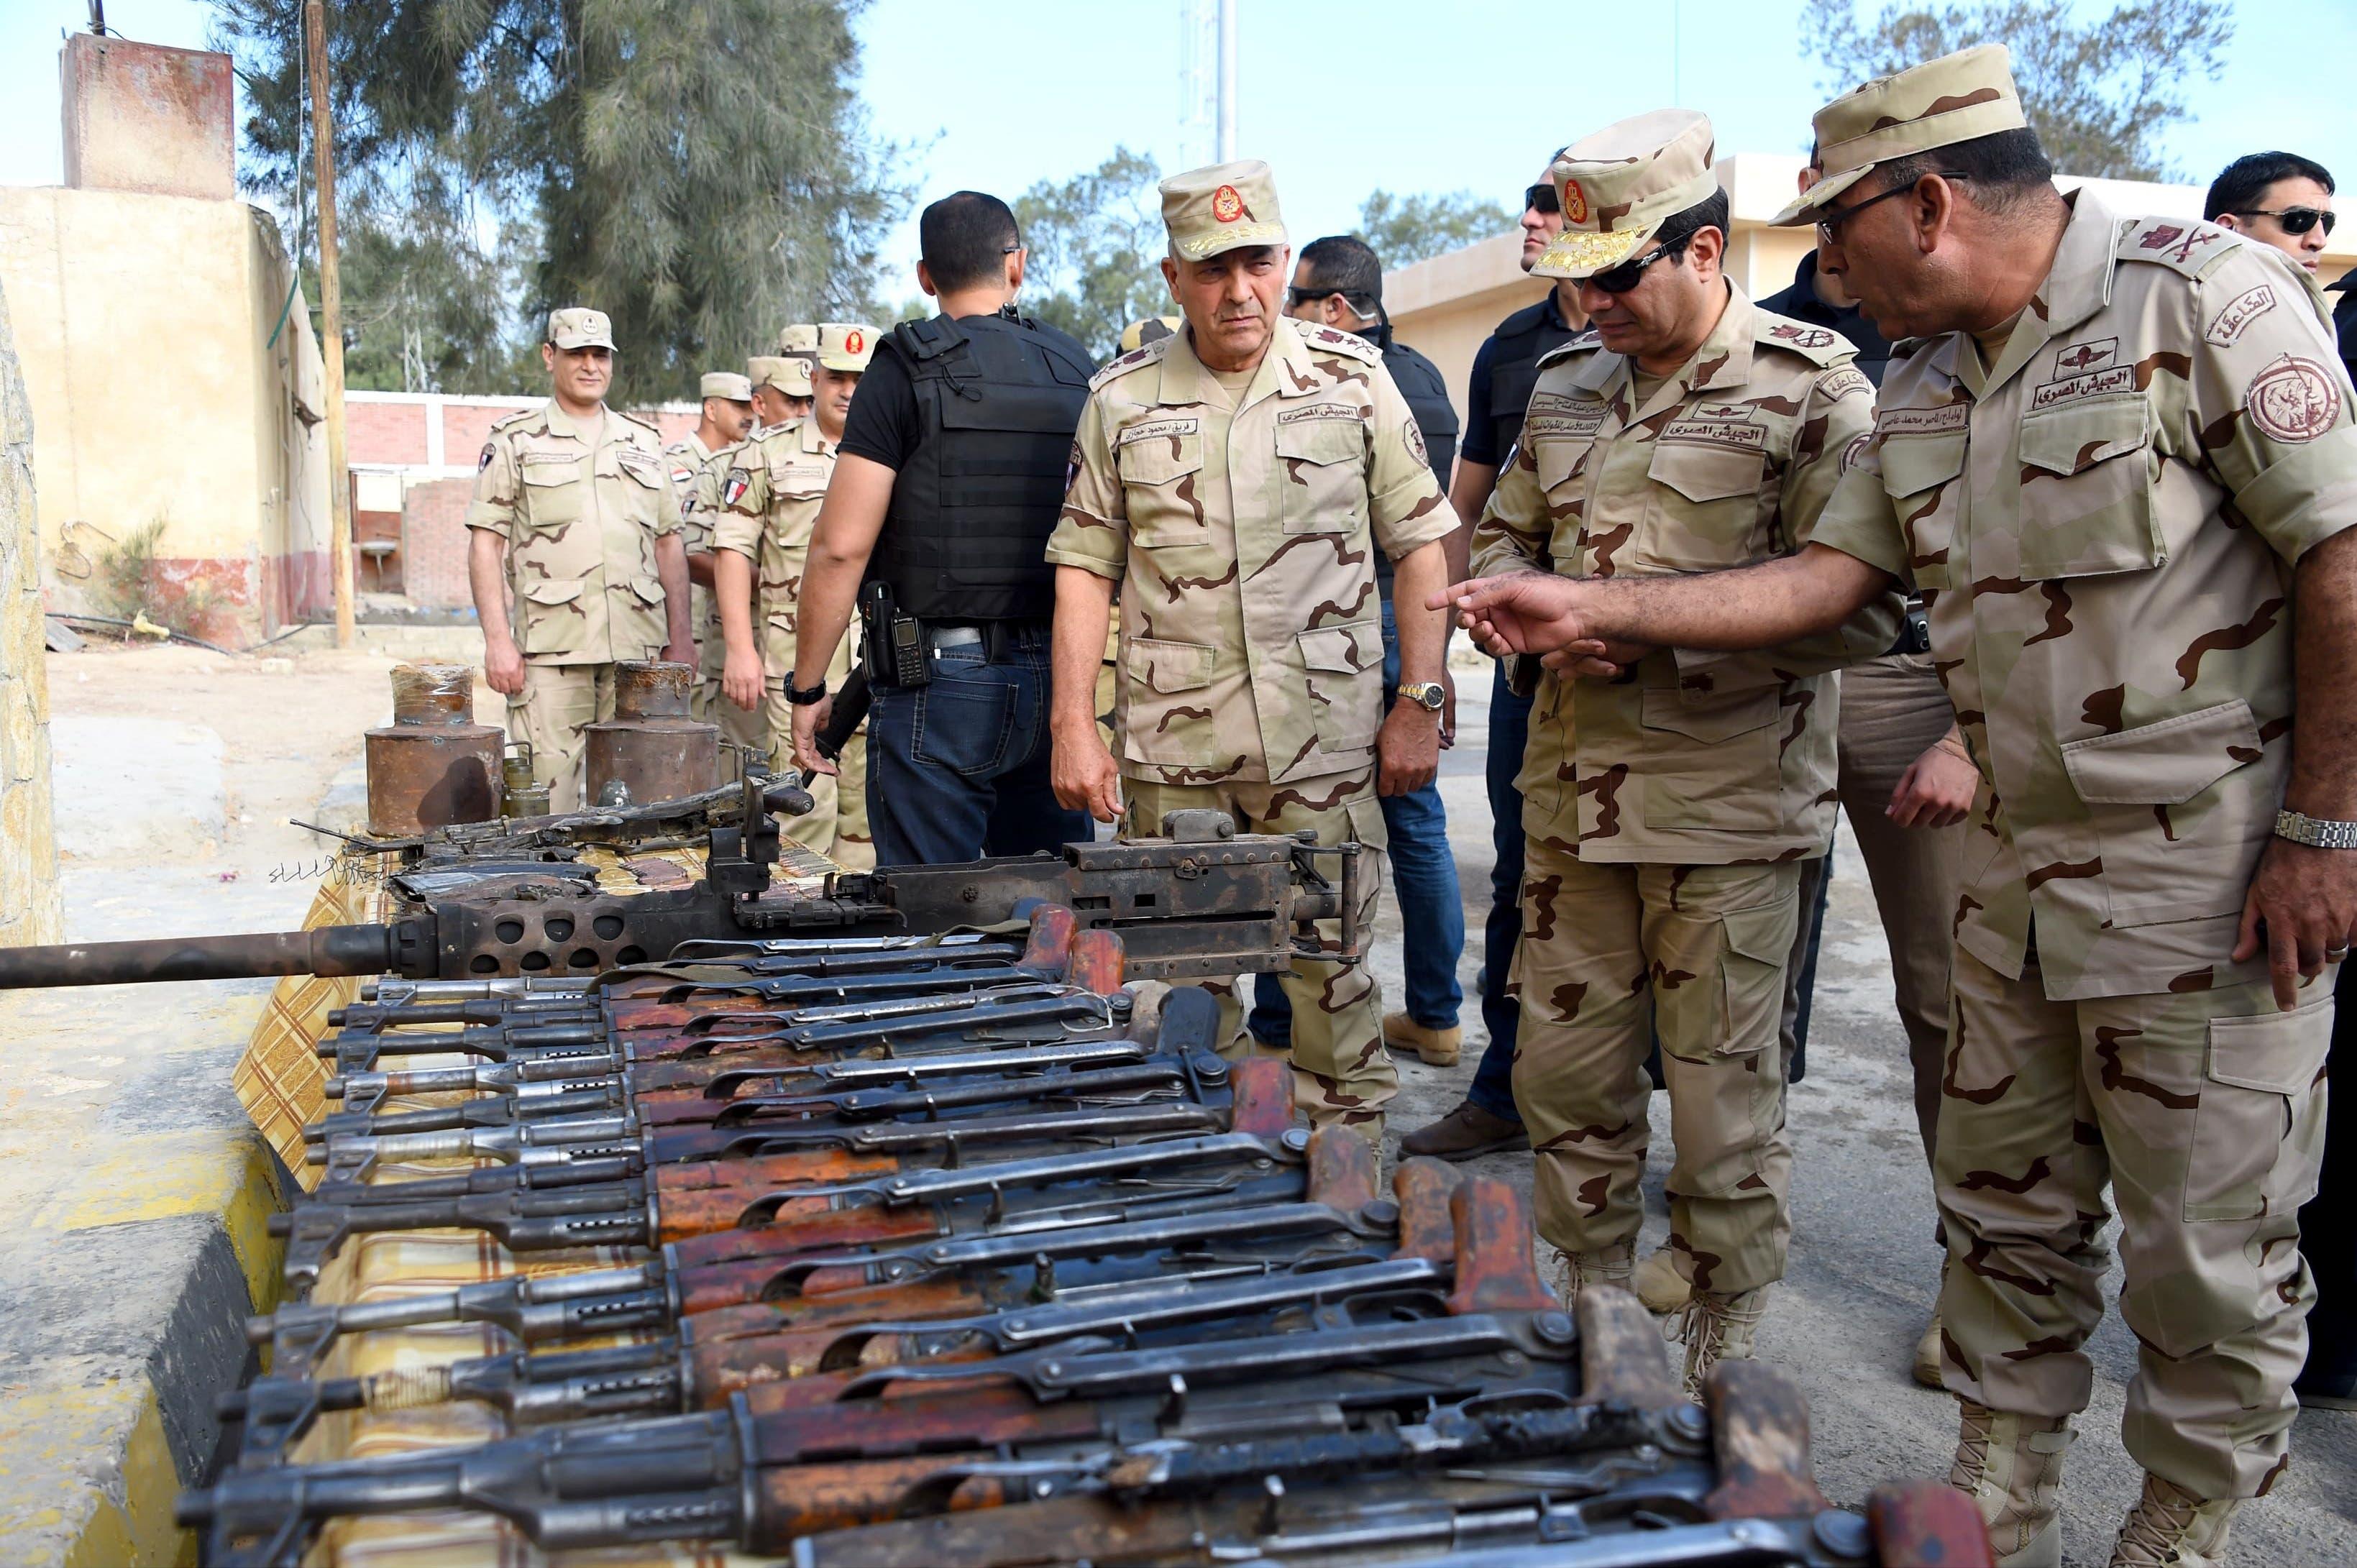 السيسي بالزي العسكري في شمال سيناء بعد الهجمات 02d1f52f-2757-4d62-b76c-b9d170aeabd1